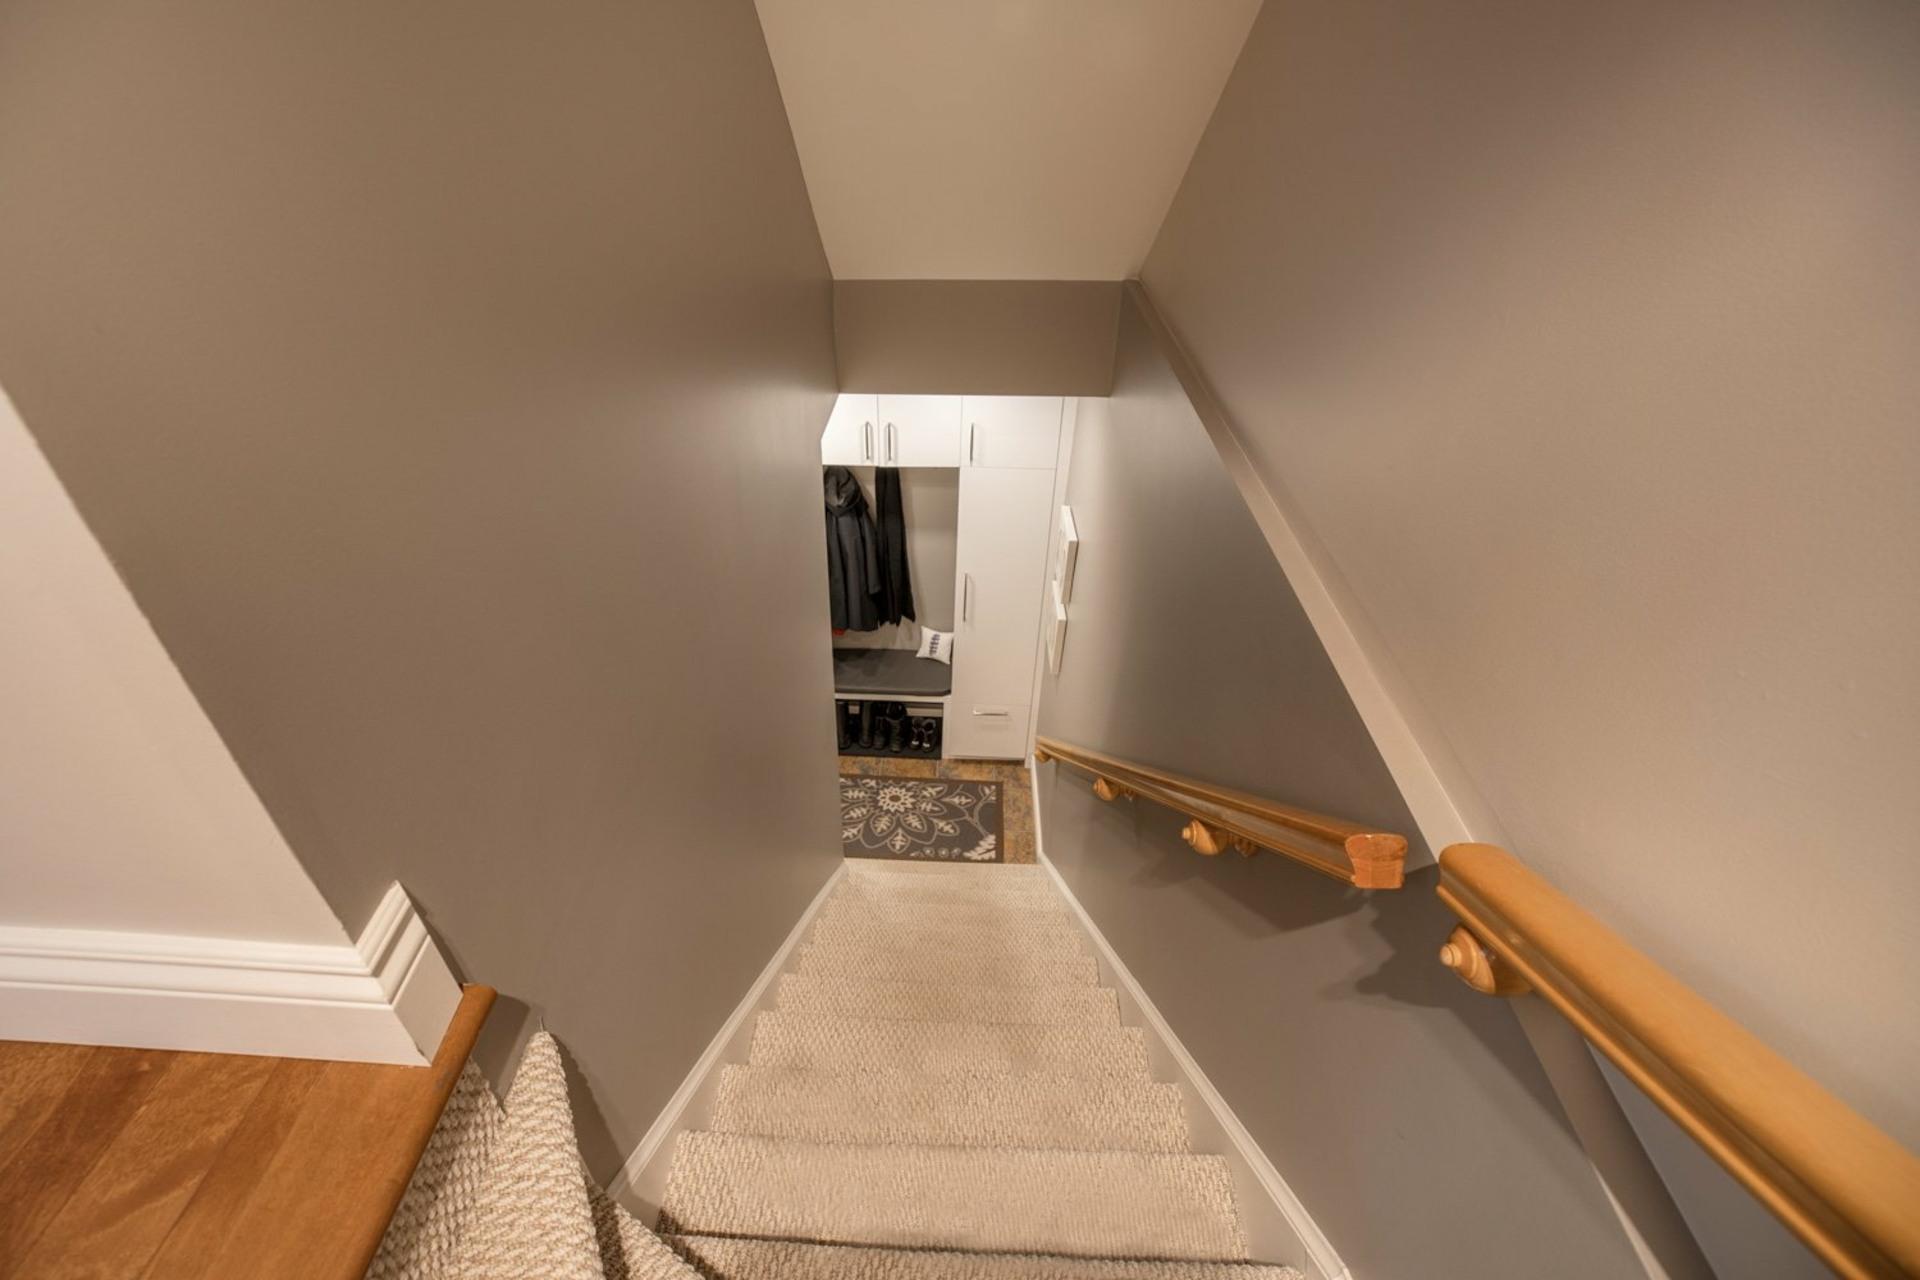 image 21 - House For sale Ahuntsic-Cartierville Montréal  - 8 rooms